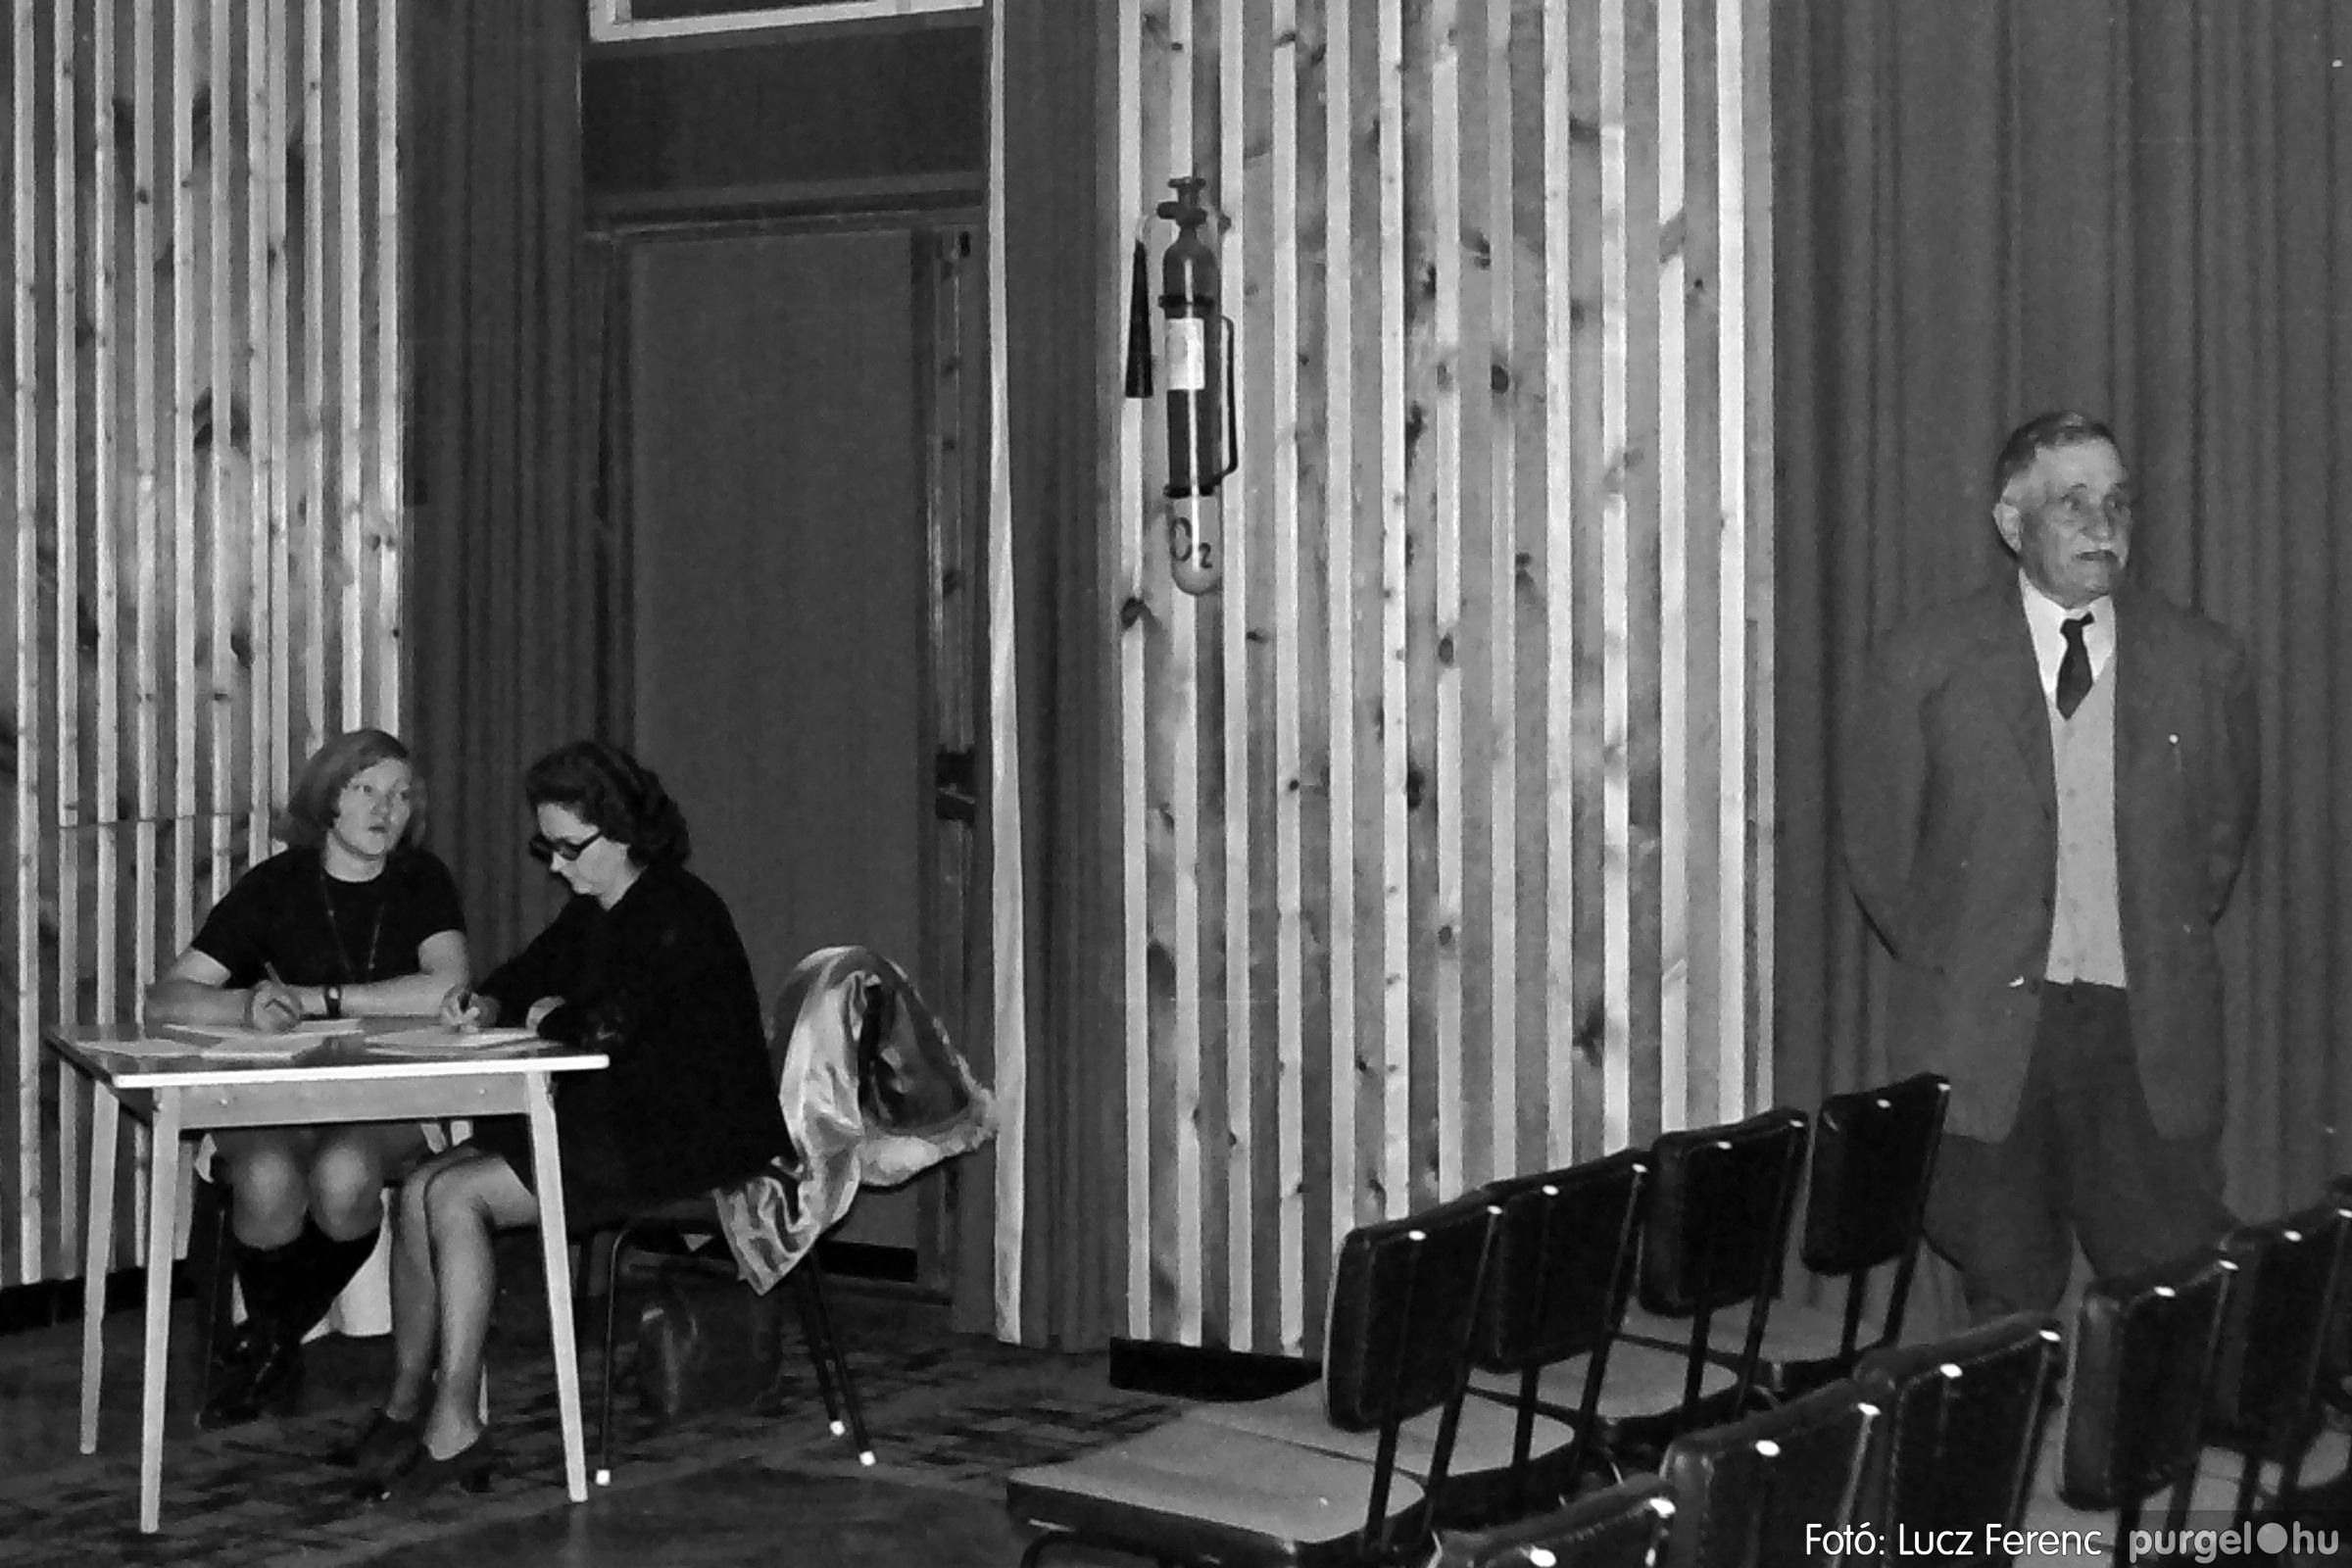 043. 1976. Rendezvény a kultúrházban 007. - Fotó: Lucz Ferenc - IMG00284q.jpg